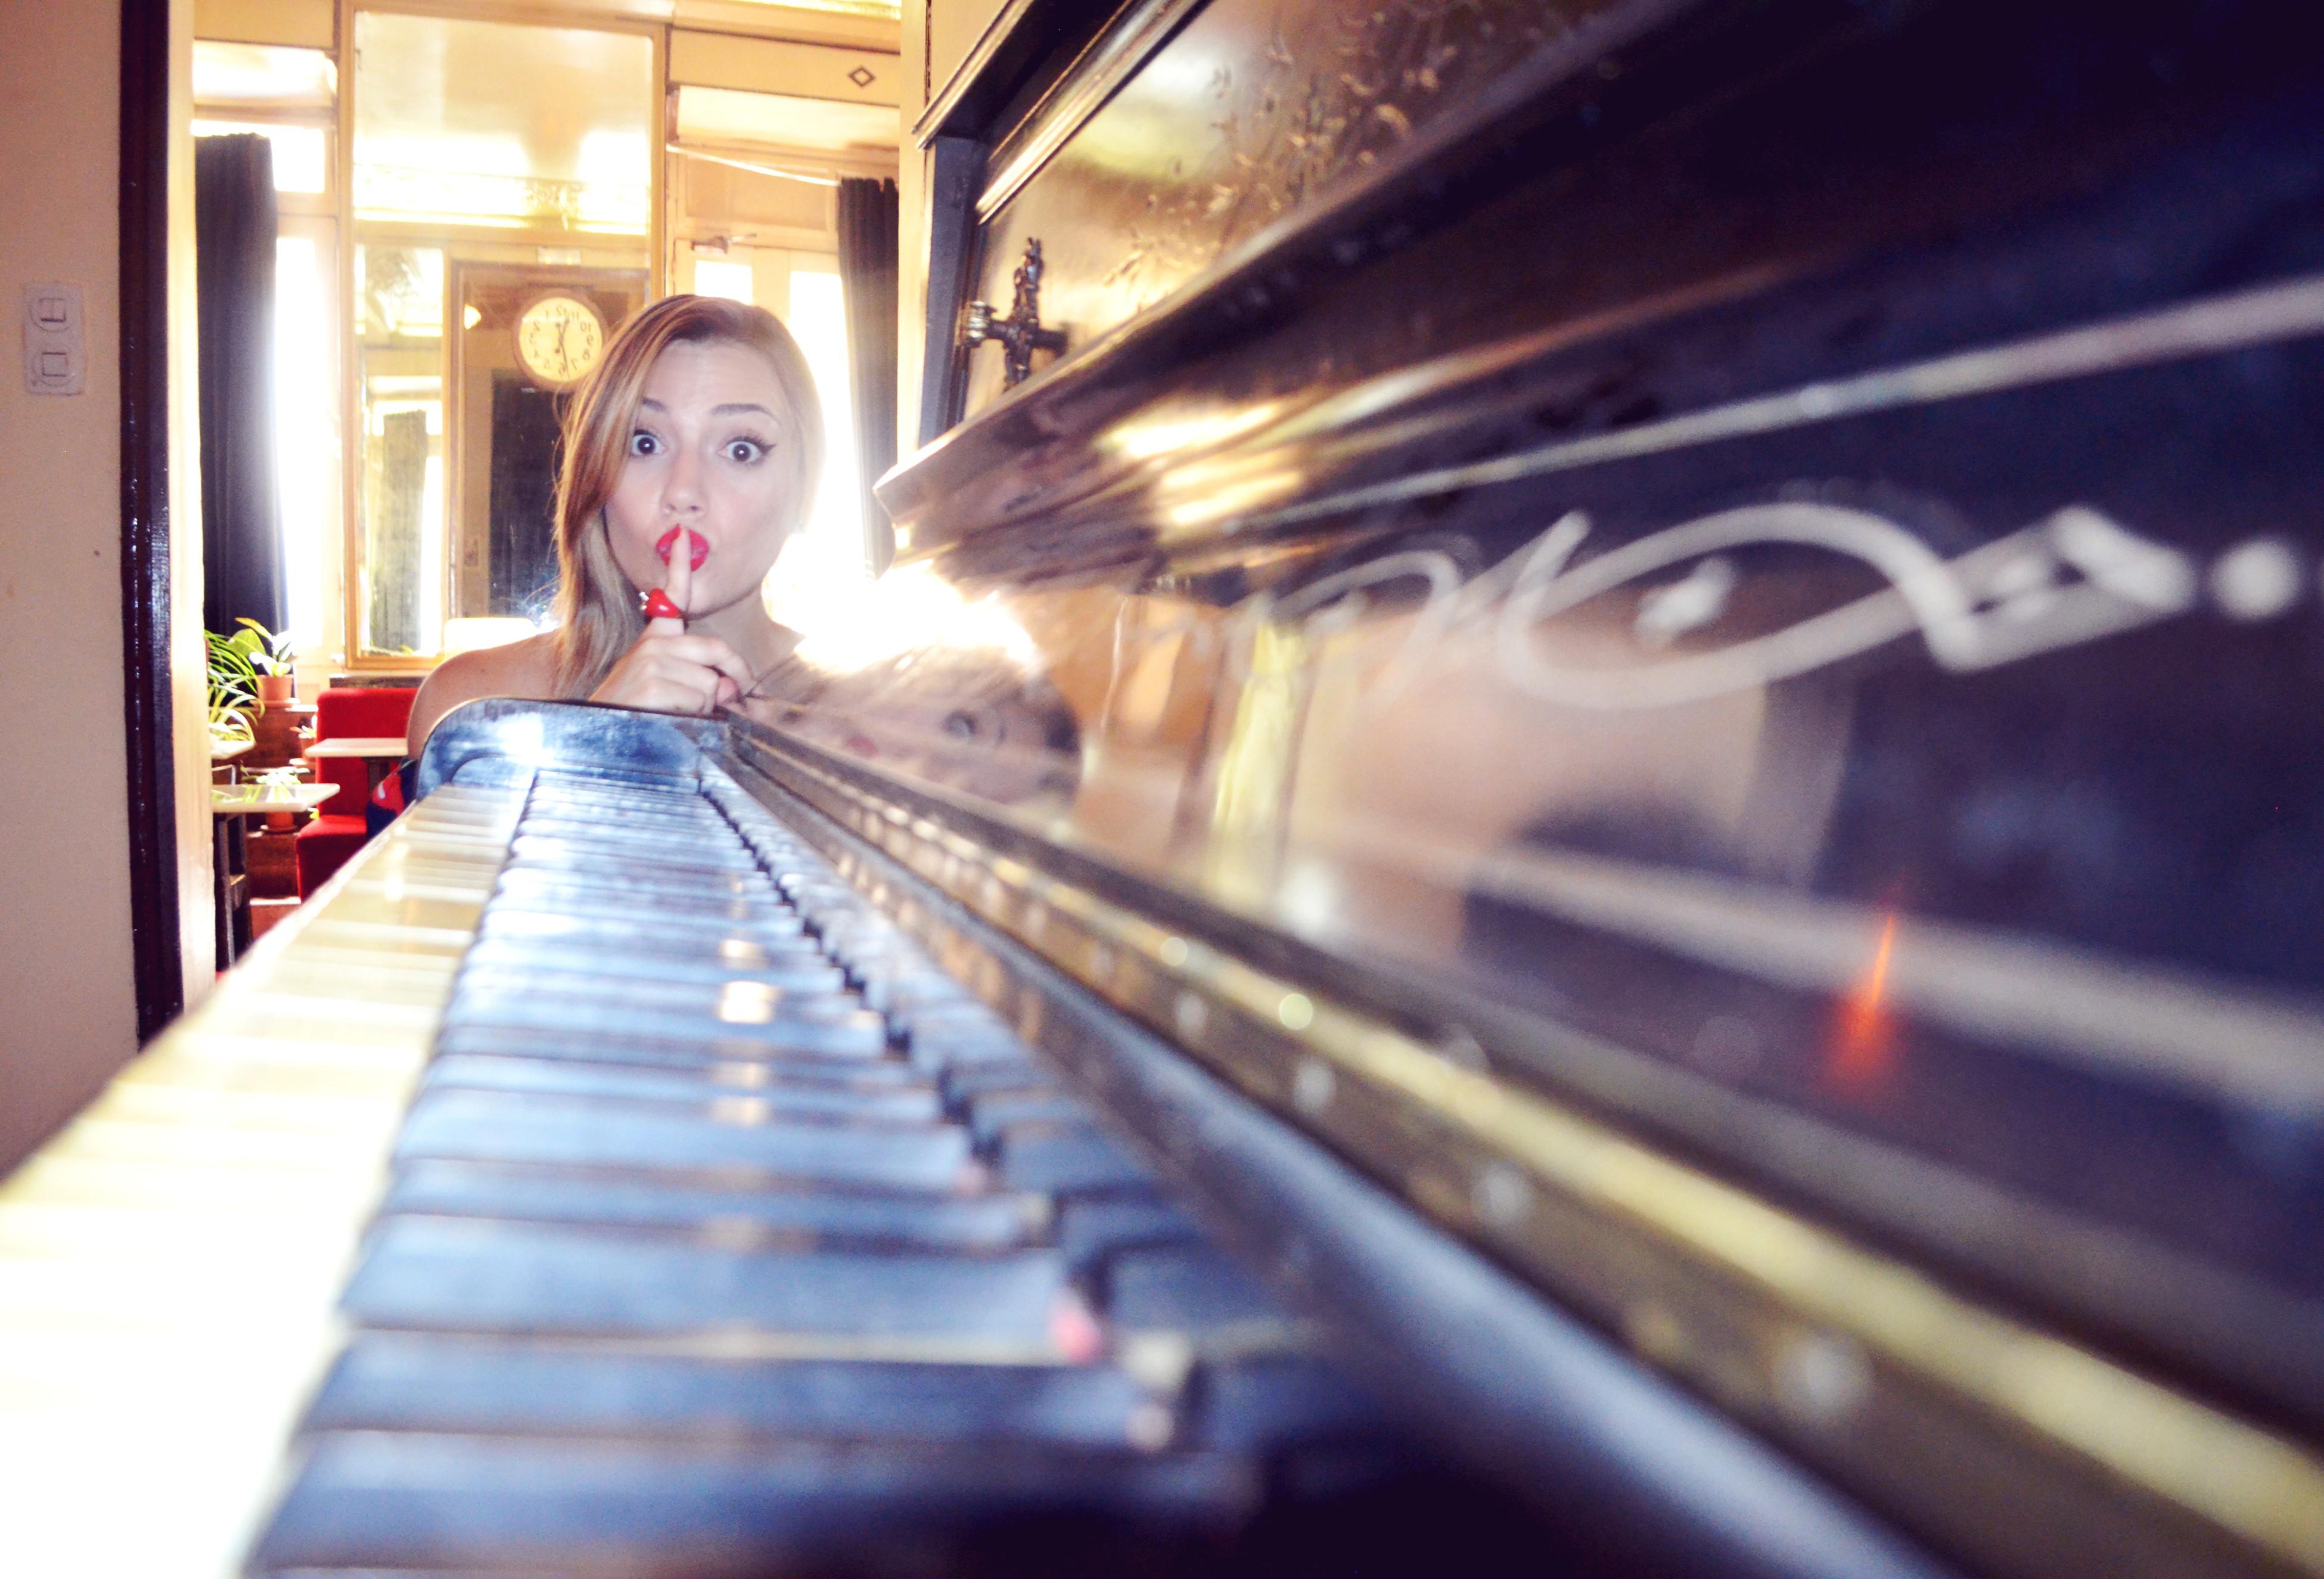 Fashionista-ChicAdicta-blog-de-moda-Chic-Adicta-influencer-spain-retro-piano-look-smile-PiensaenChic-Piensa-en-Chic